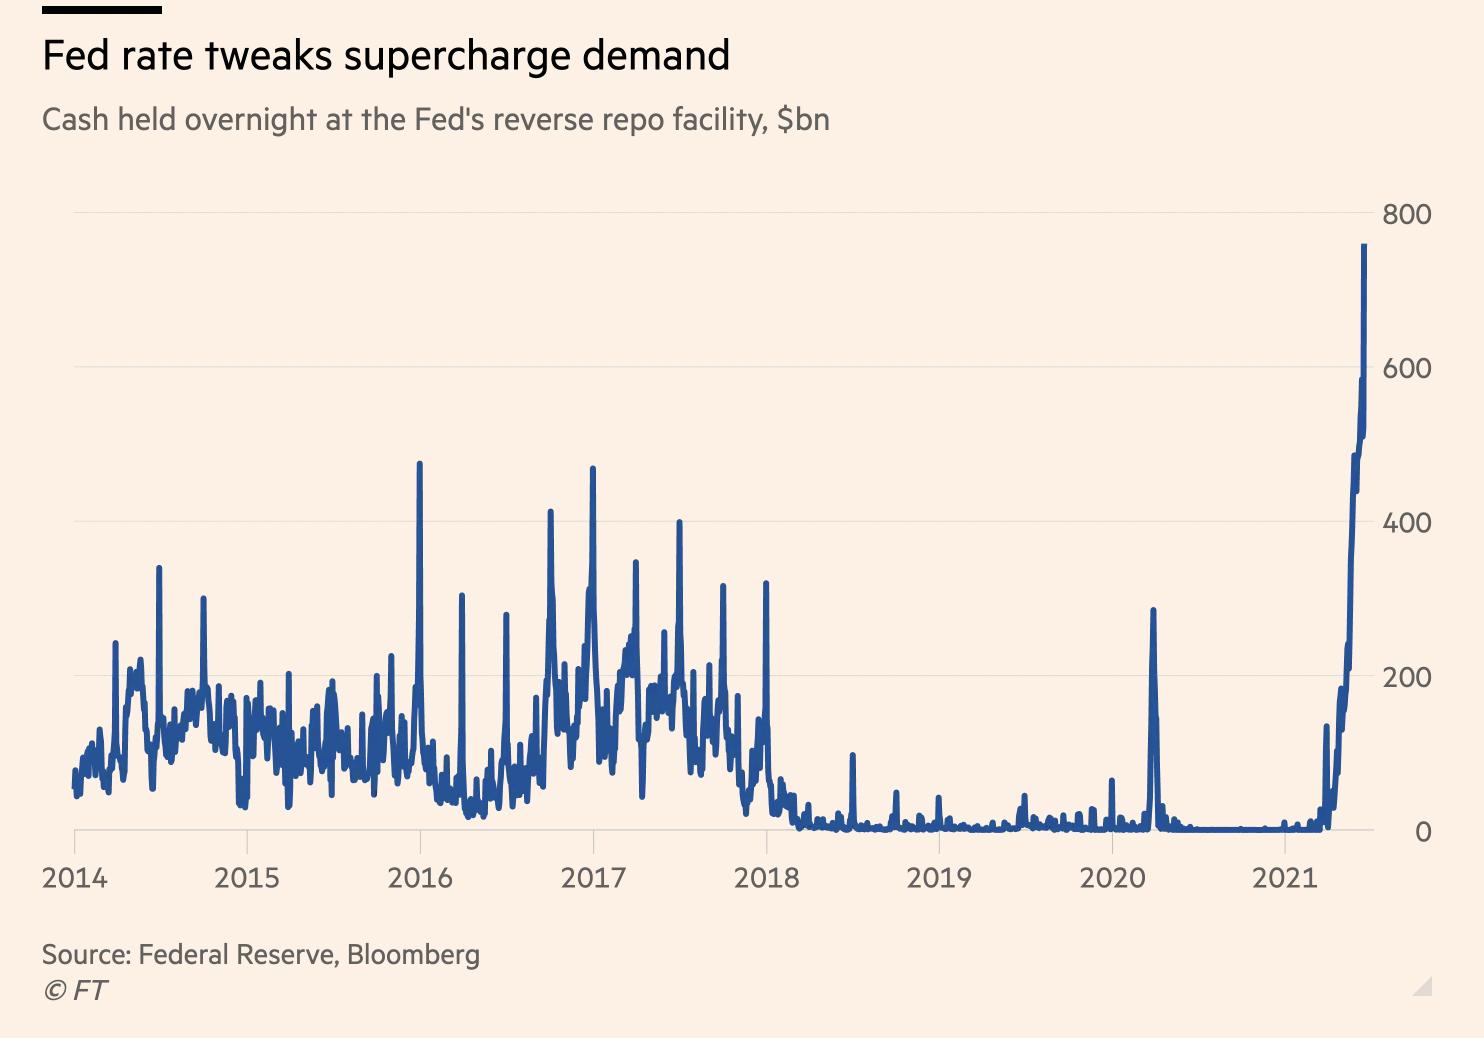 Le modifiche della Fed rafforzano la domanda